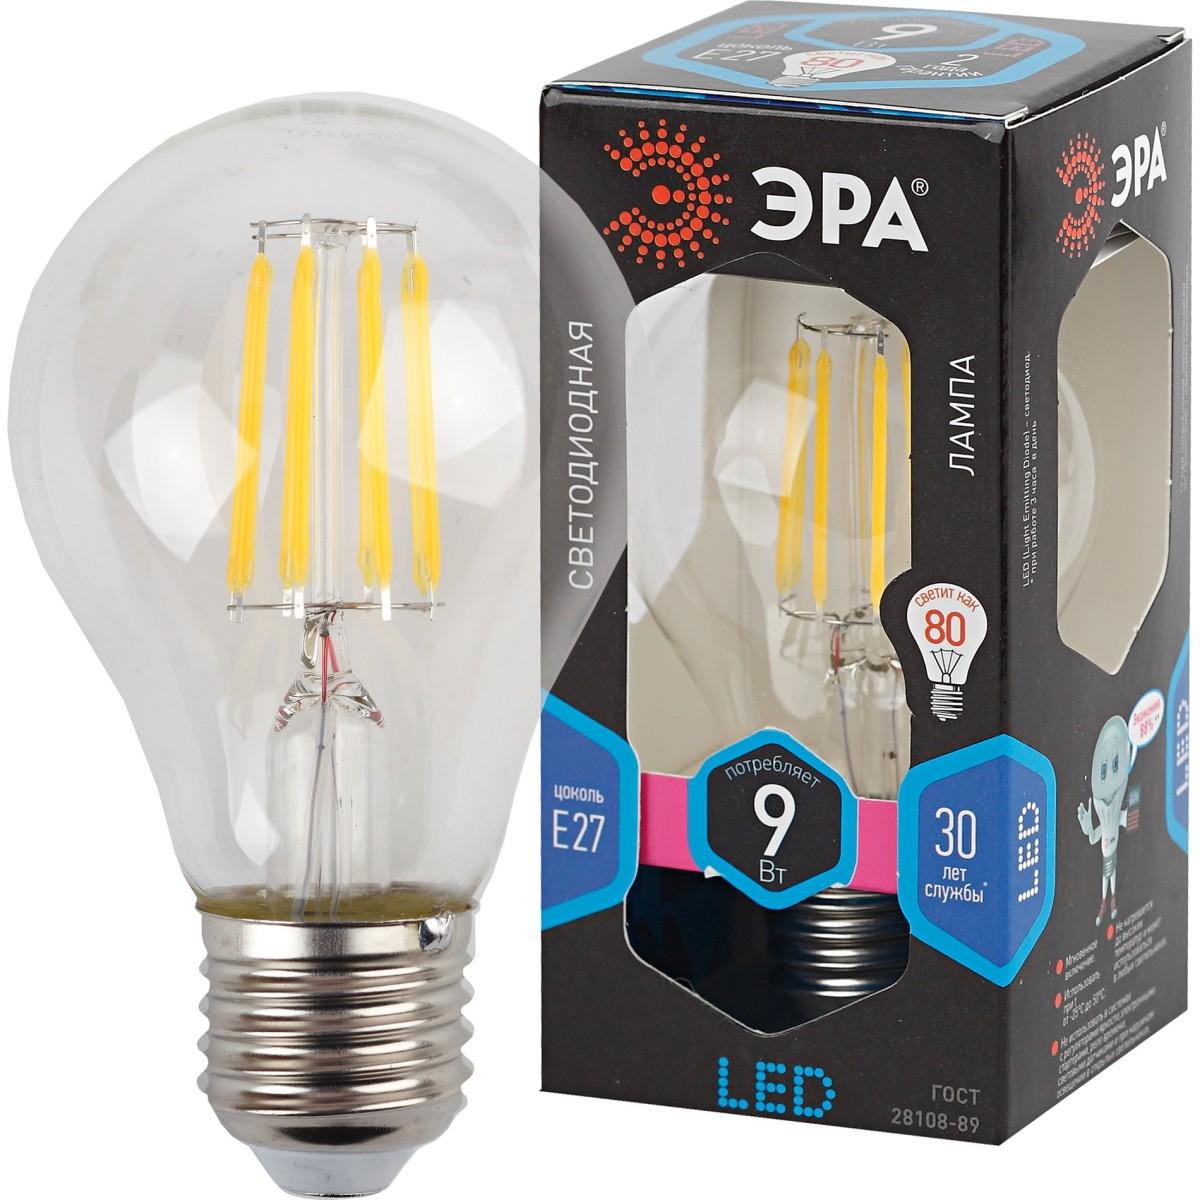 Лампа Эра Светодионая E27 9 Вт Груша 900 Лм Нейтральный Свет